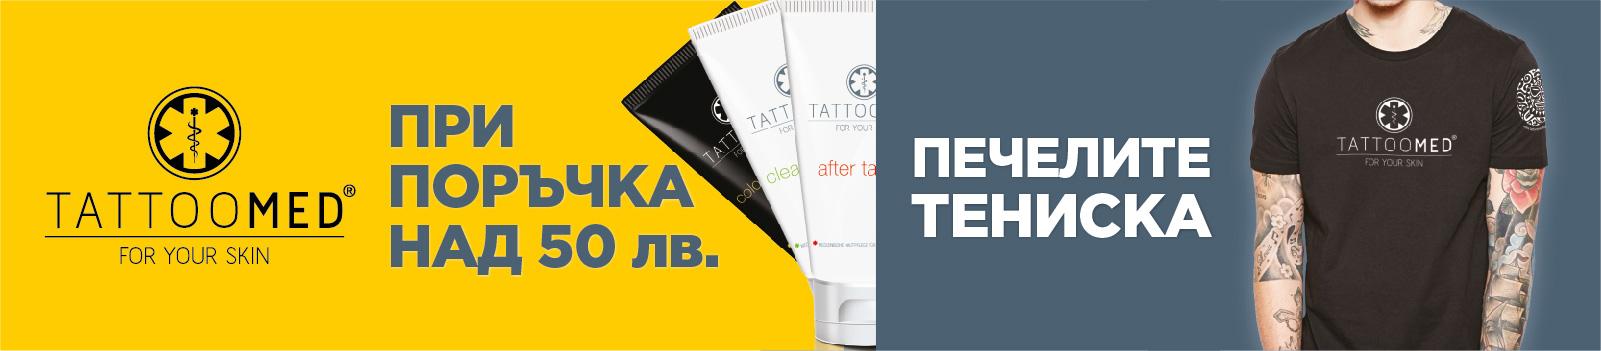 Tatuirovki-gift-slider